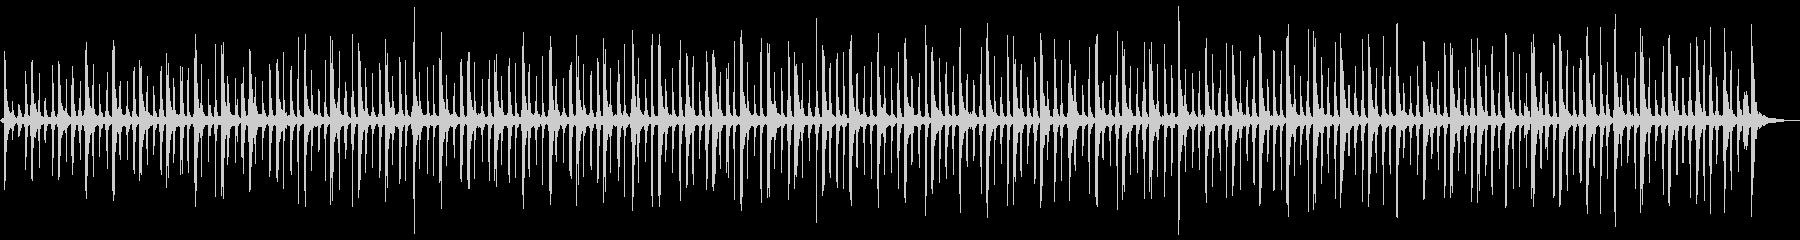 ラテンシミーパーカッショングローブ...の未再生の波形